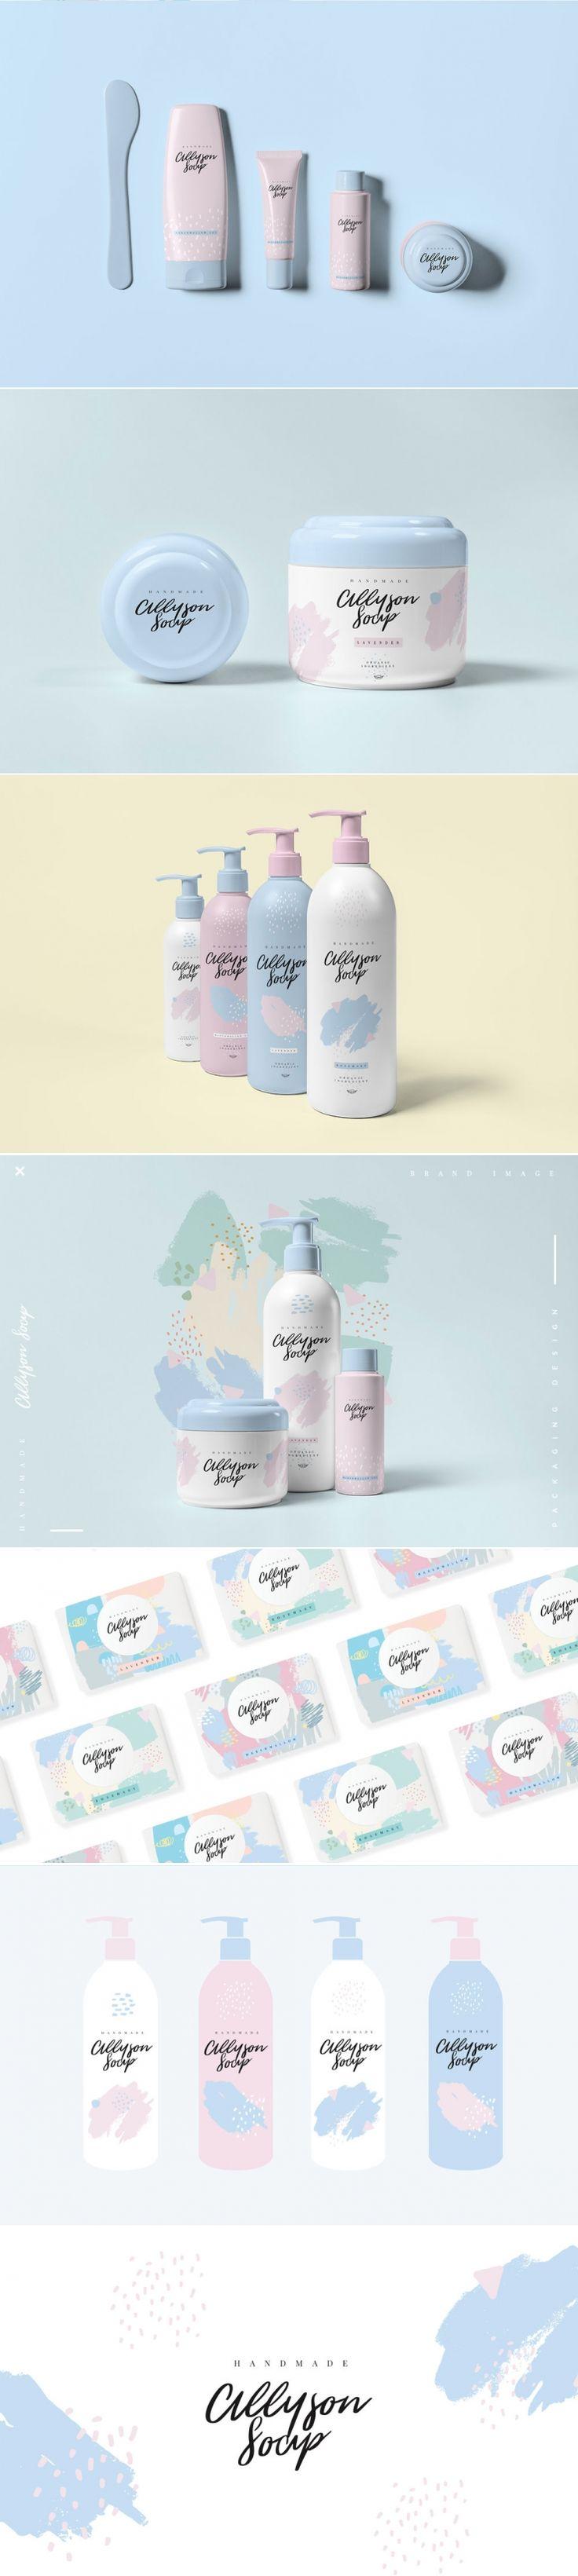 Allyson Soap's Light and Feminine Branding and Packaging — The Dieline | Packaging & Branding Design & Innovation News